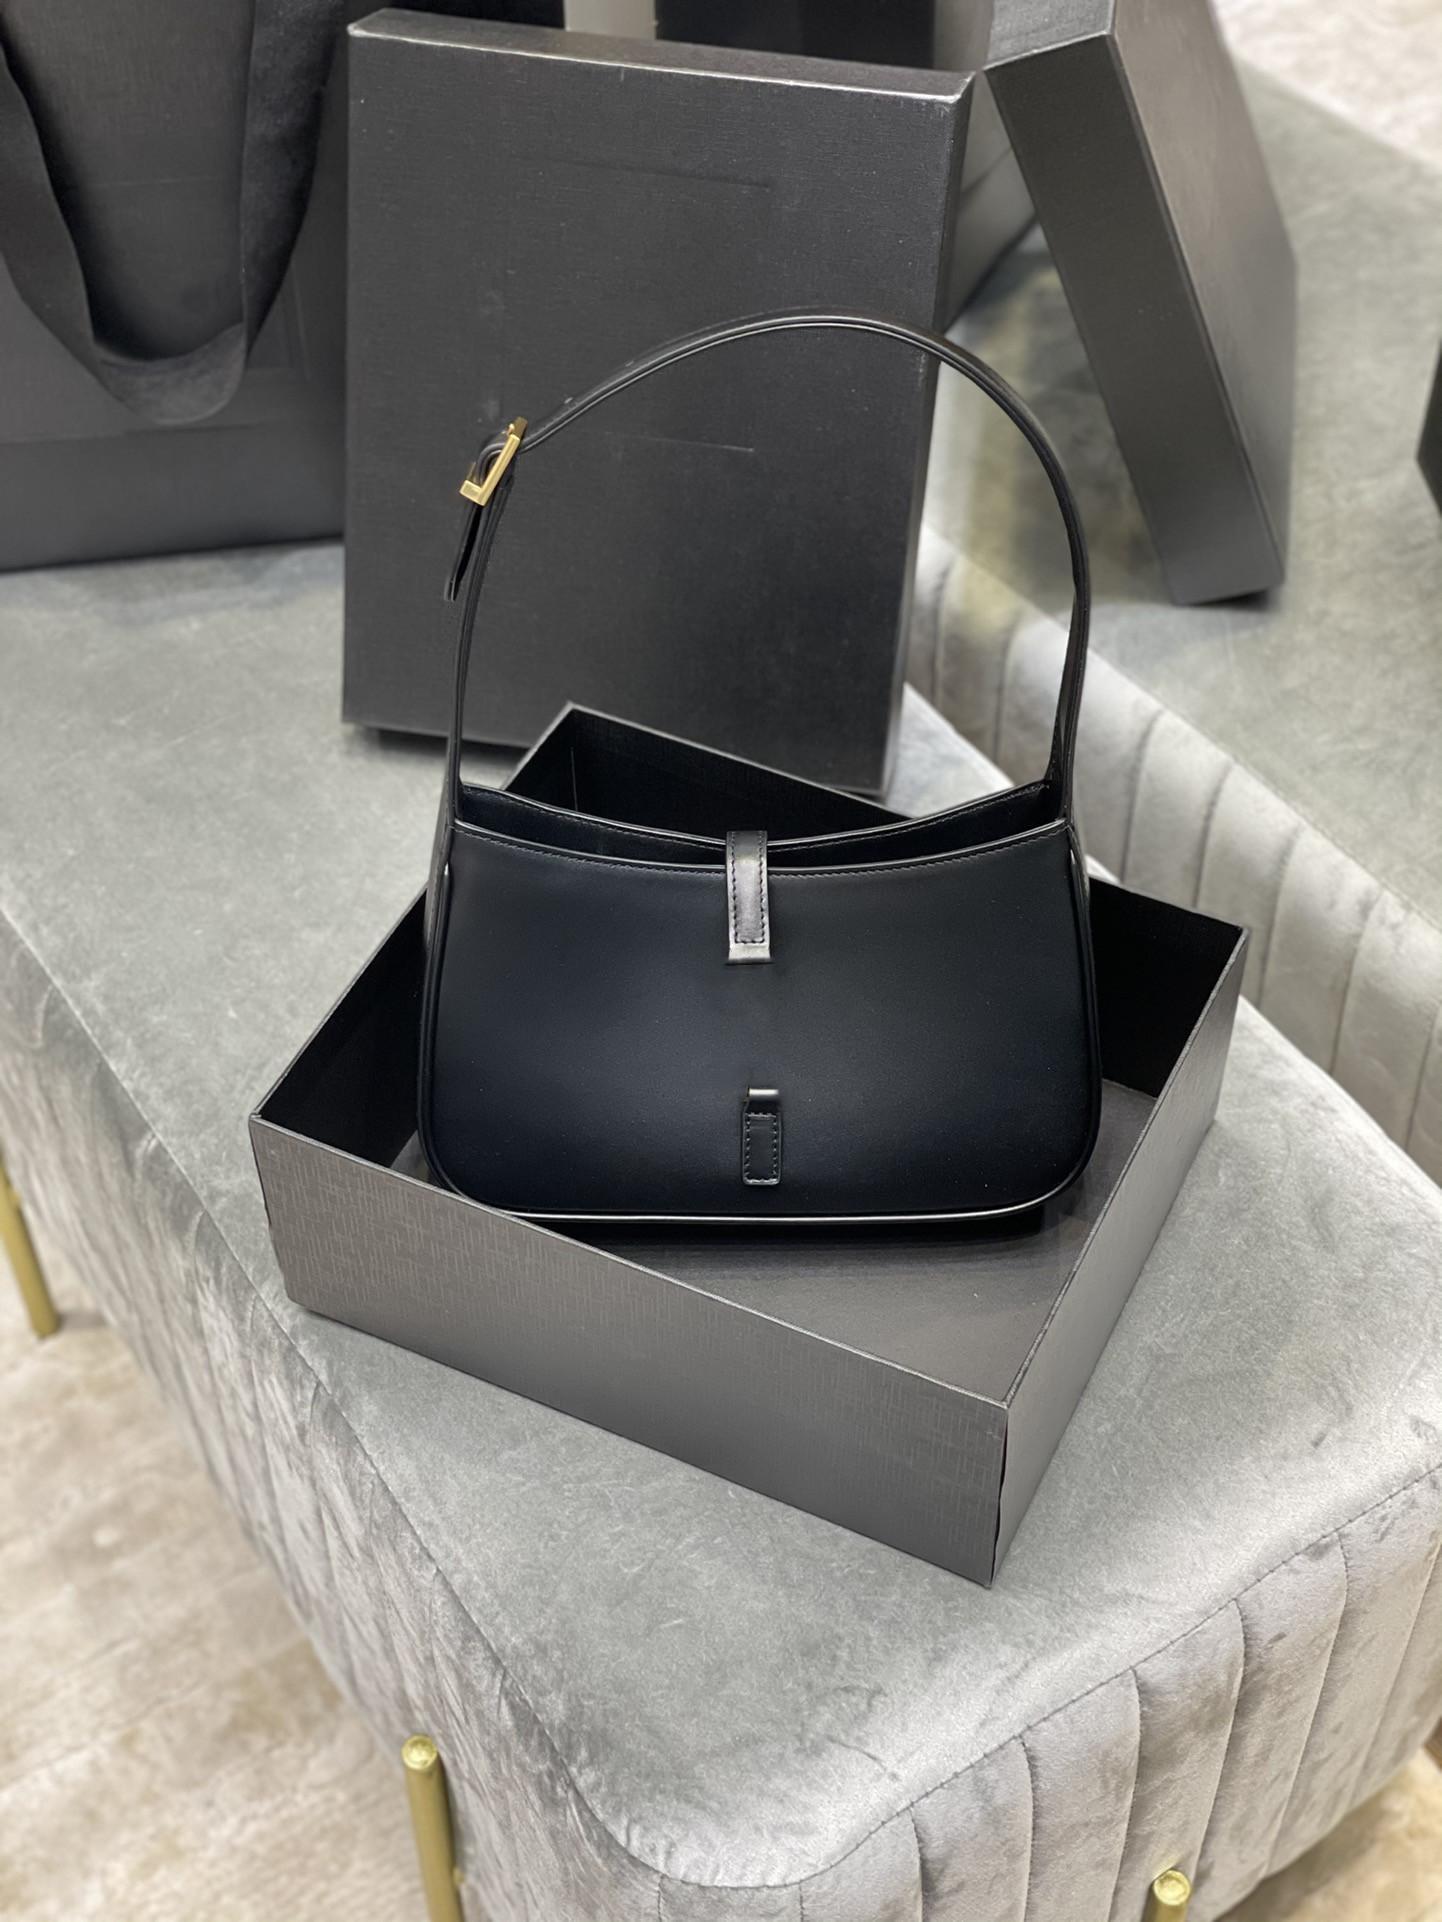 2021 Top Qualität Re-Edition Underarmsack Leder Umhängetaschen Damen Crossbody Handtasche Kostenlose Lieferung